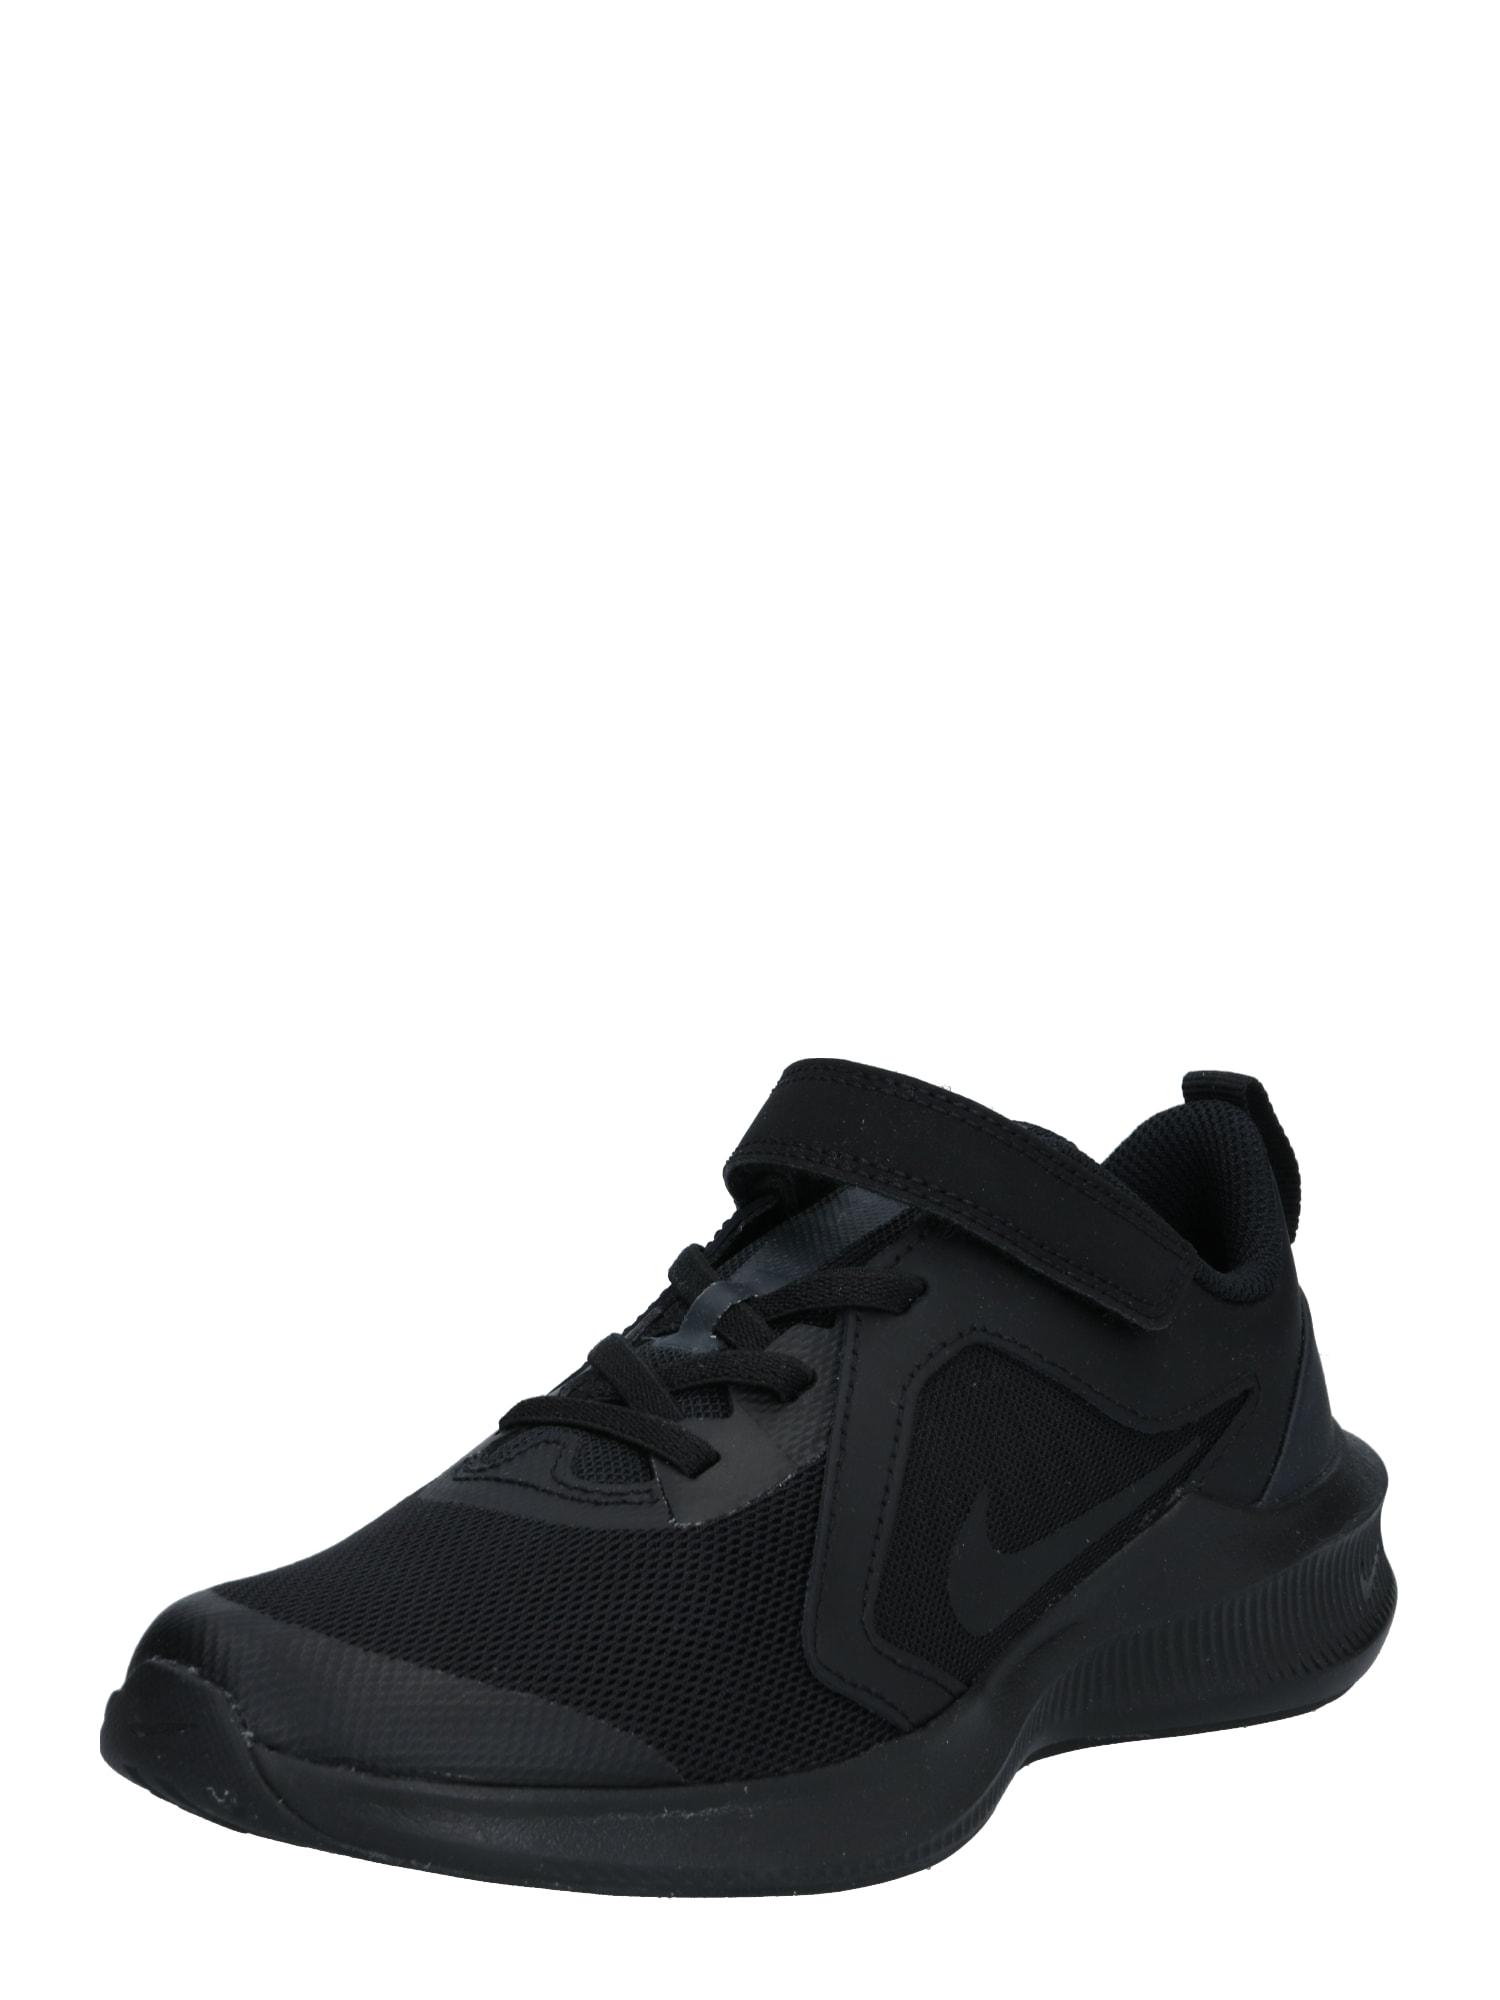 NIKE Sportiniai batai 'Downshifter 10' juoda